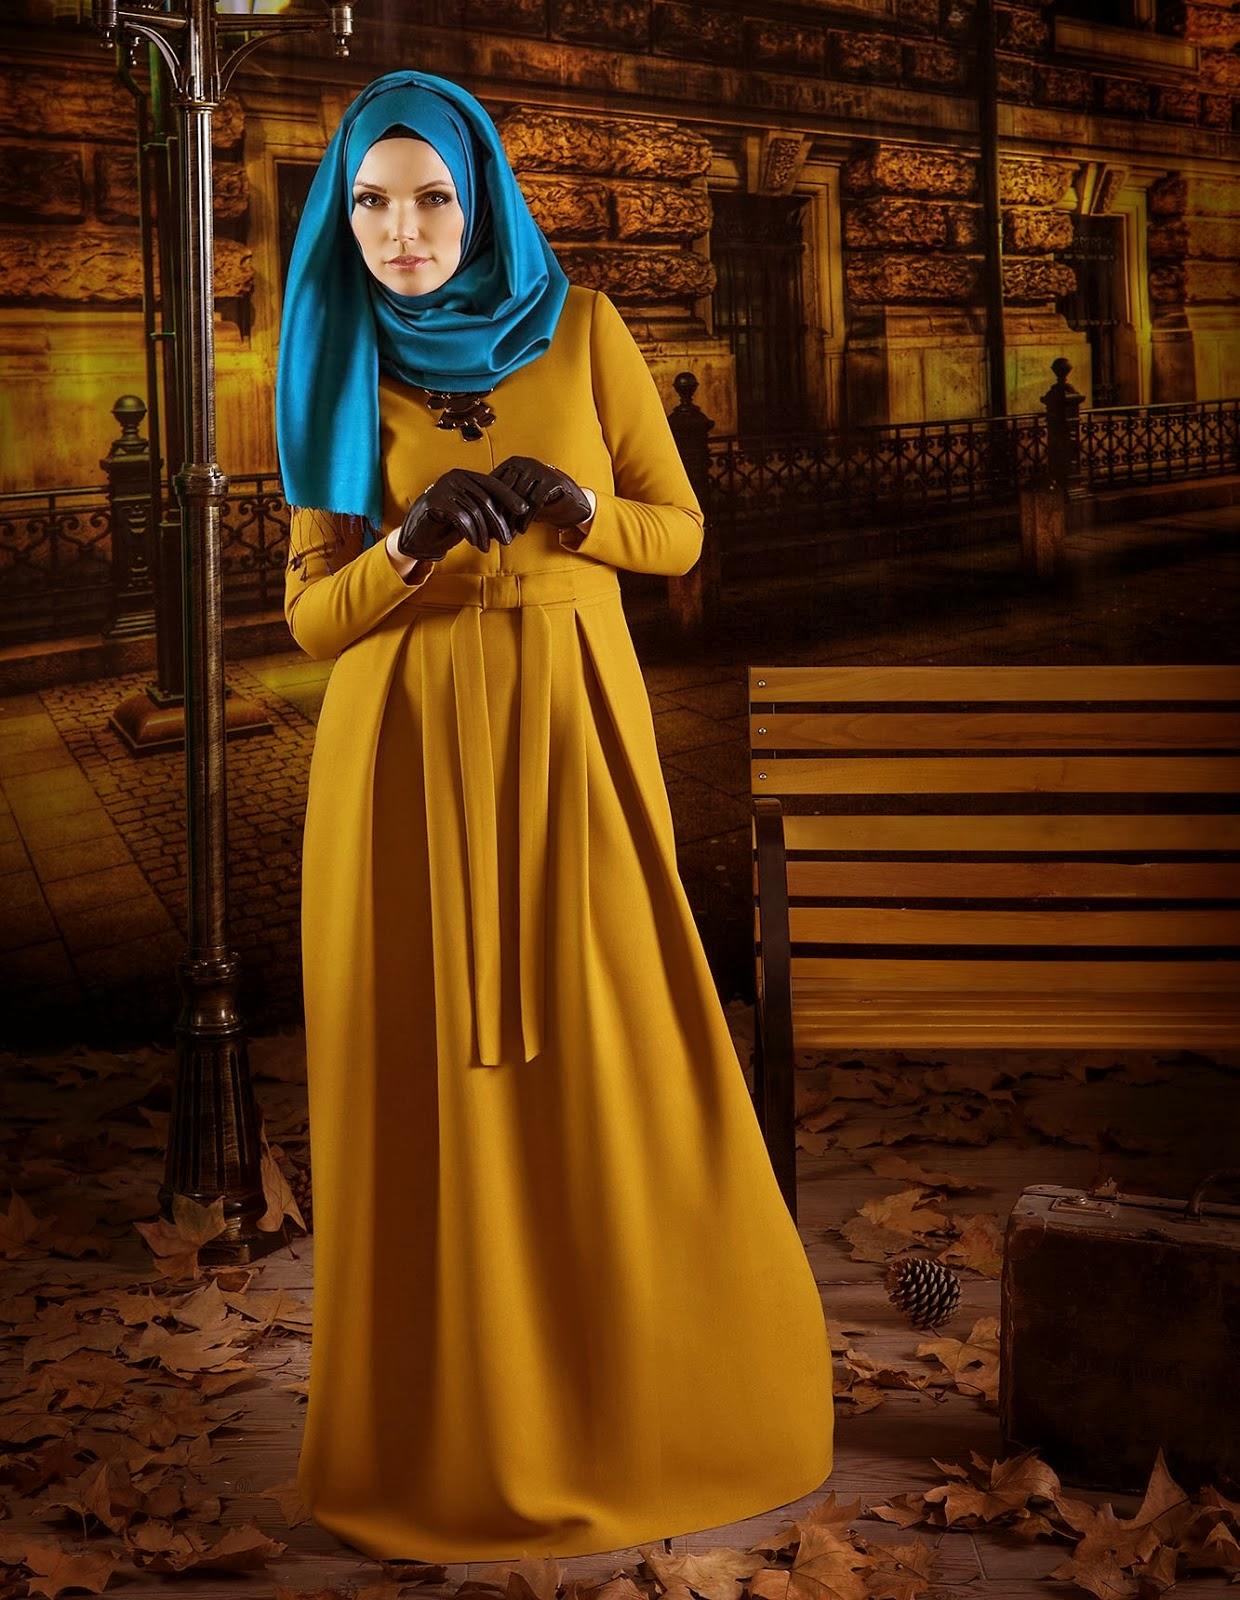 Muslima Tesett%C3%BCr+Giyim 2013 2014+Sonbahar Kis+Koleksiyonu 18 ucuz tesettür abiye modelleri,uzun abiye modelleri ve fiyatları,kapalı abiye modelleri genç,abiye modelleri ve fiyatları 2014,abiye elbiseler,abiye elbise modelleri ve fiyatları,genç kız abiye modelleri ve fiyatları,2015 abiye